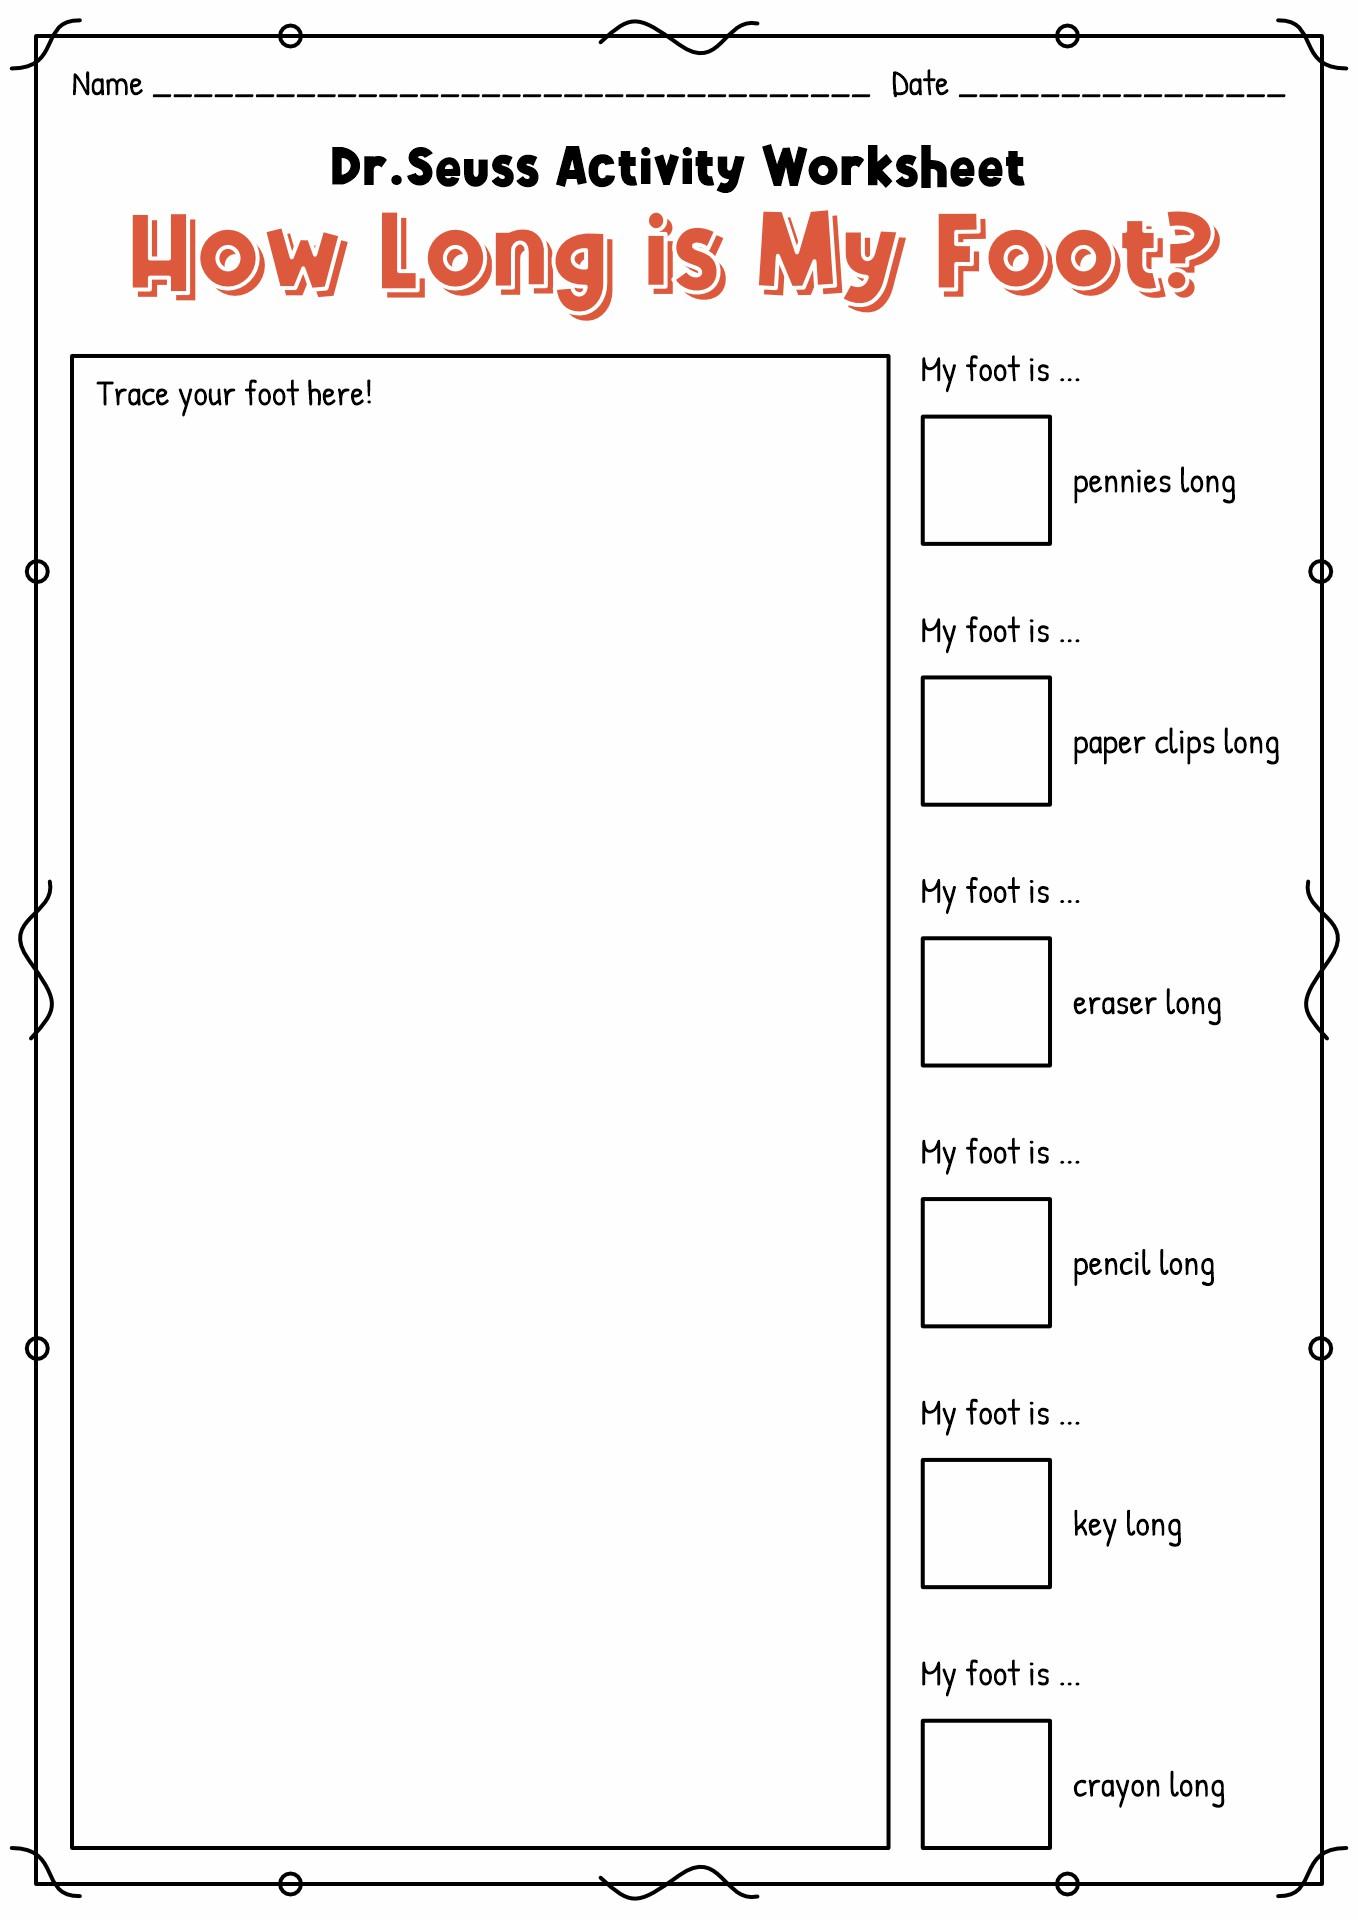 16 Best Images Of Dr Seuss Worksheets For Preschool